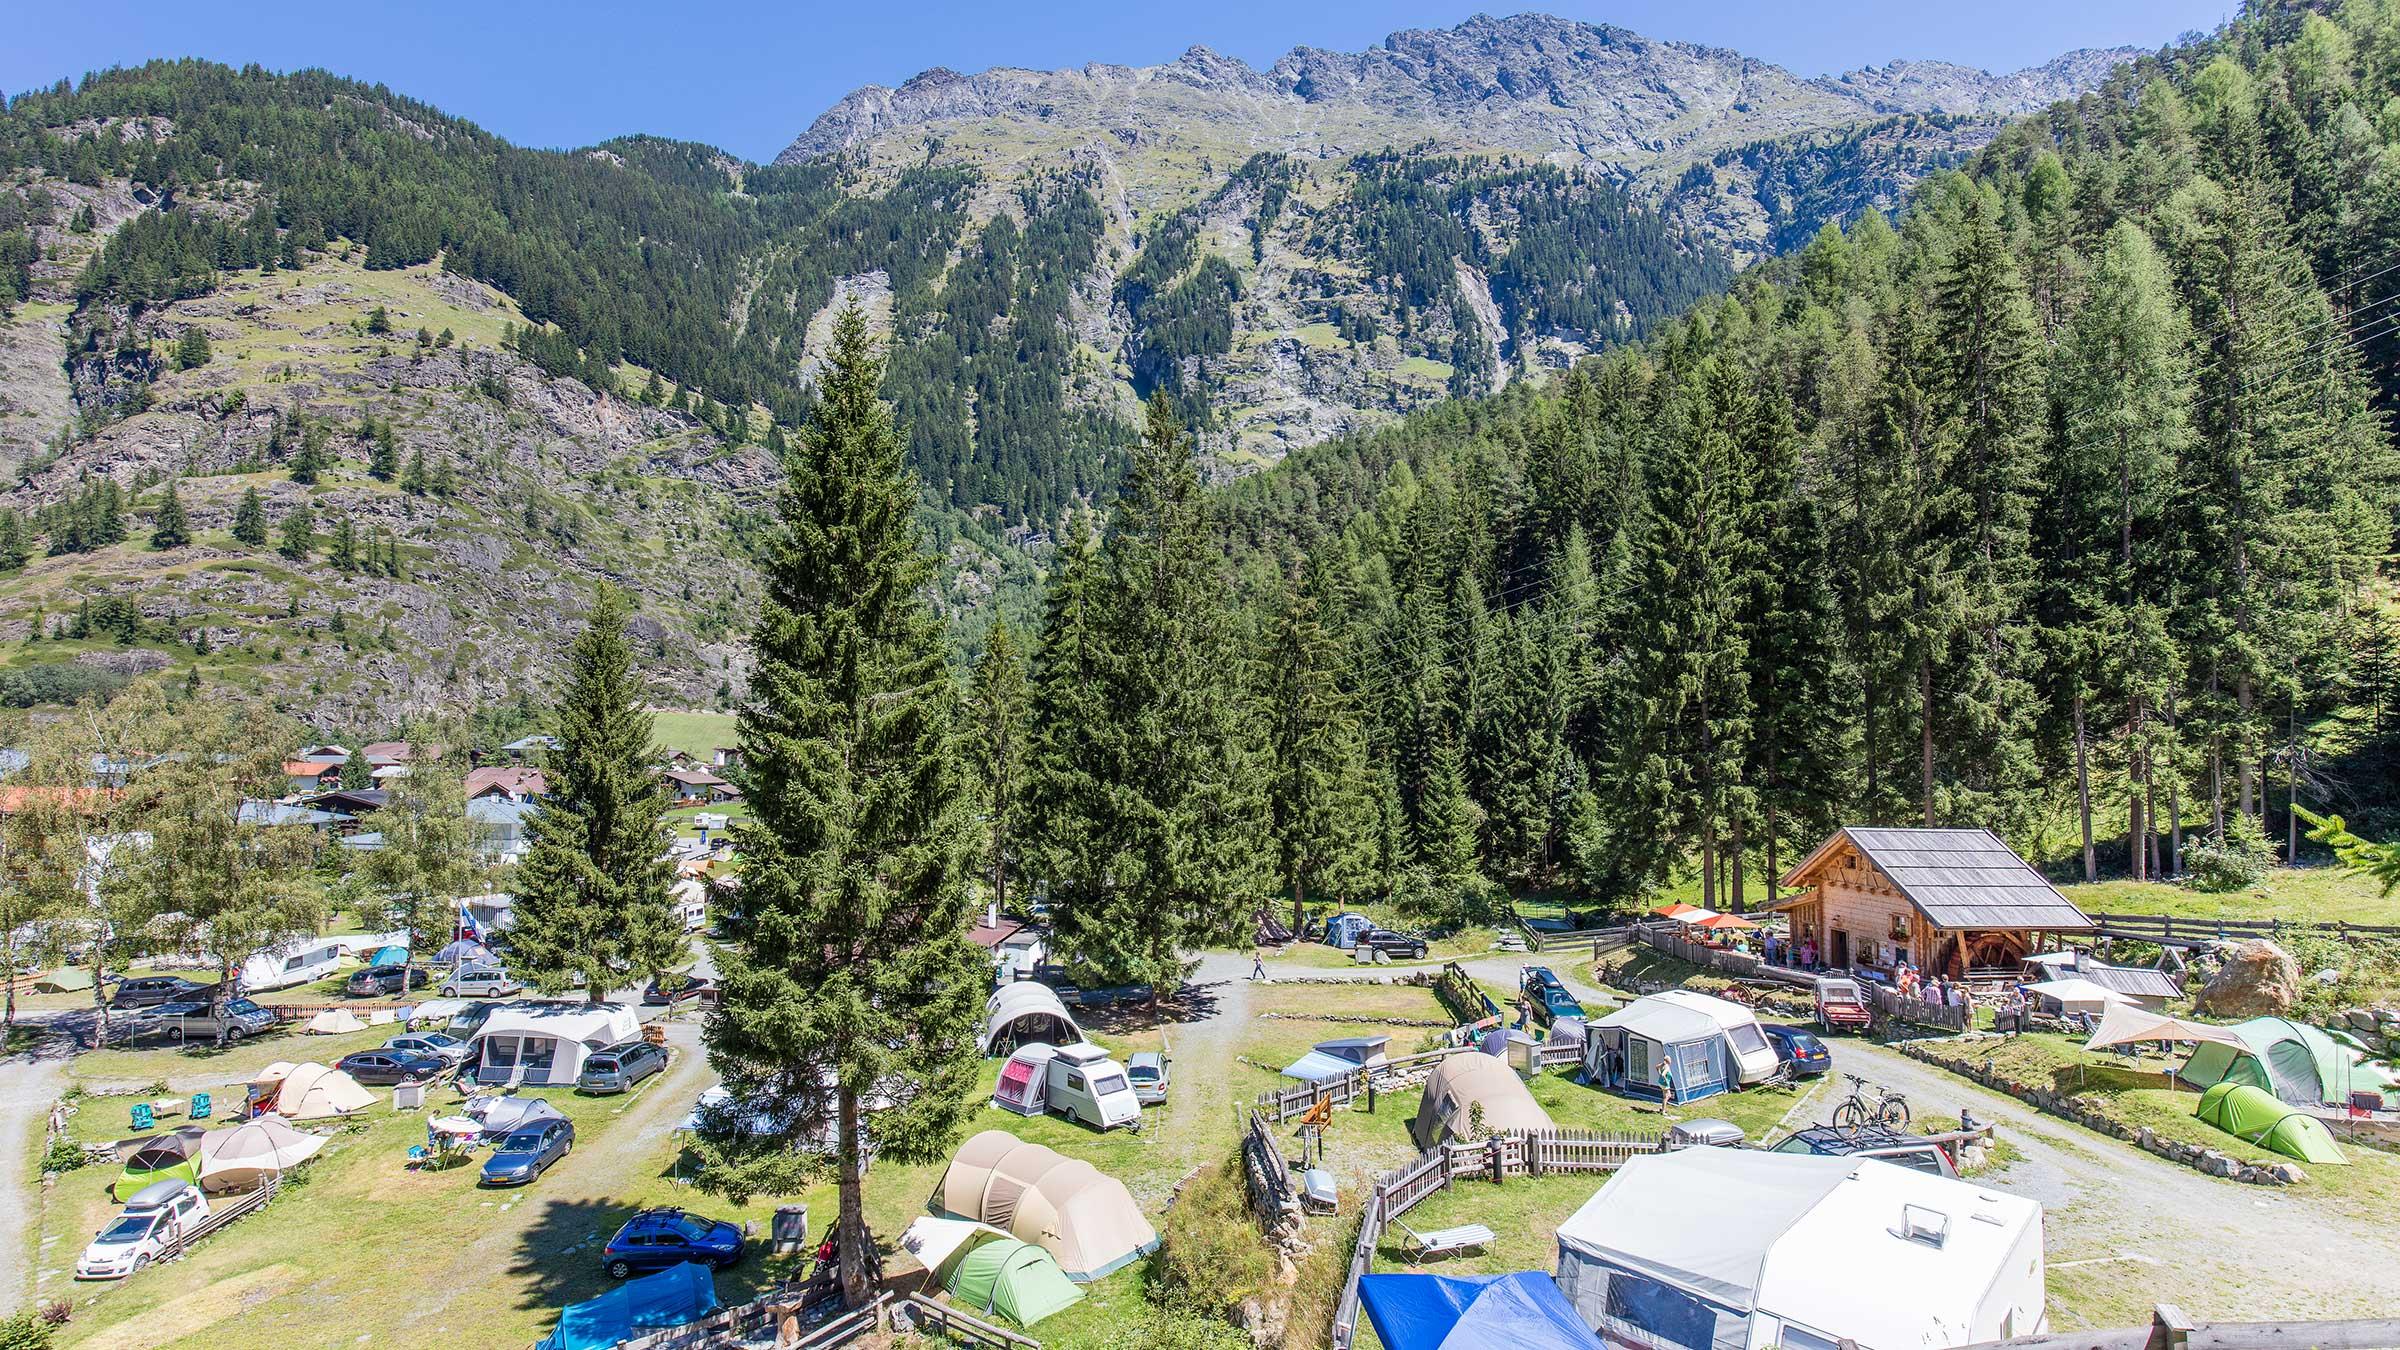 Campingplatz Huben bei Längenfeld - Camping im Ötztal